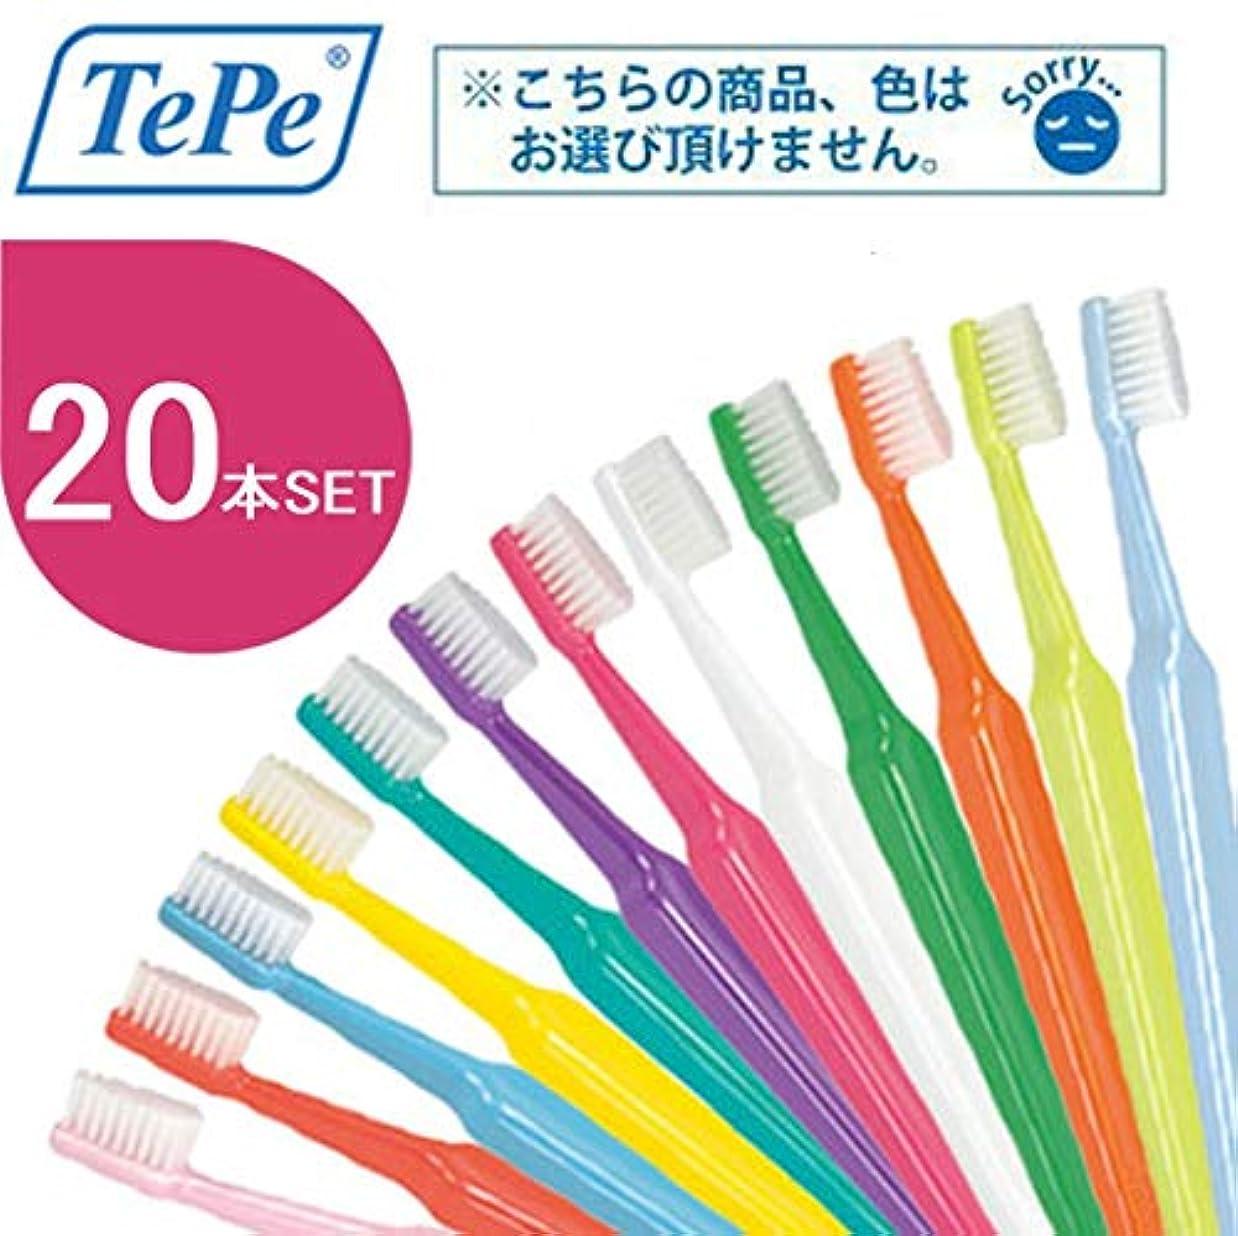 バルク汚れた錫クロスフィールド TePe テペ セレクト 歯ブラシ 20本 (ソフト)